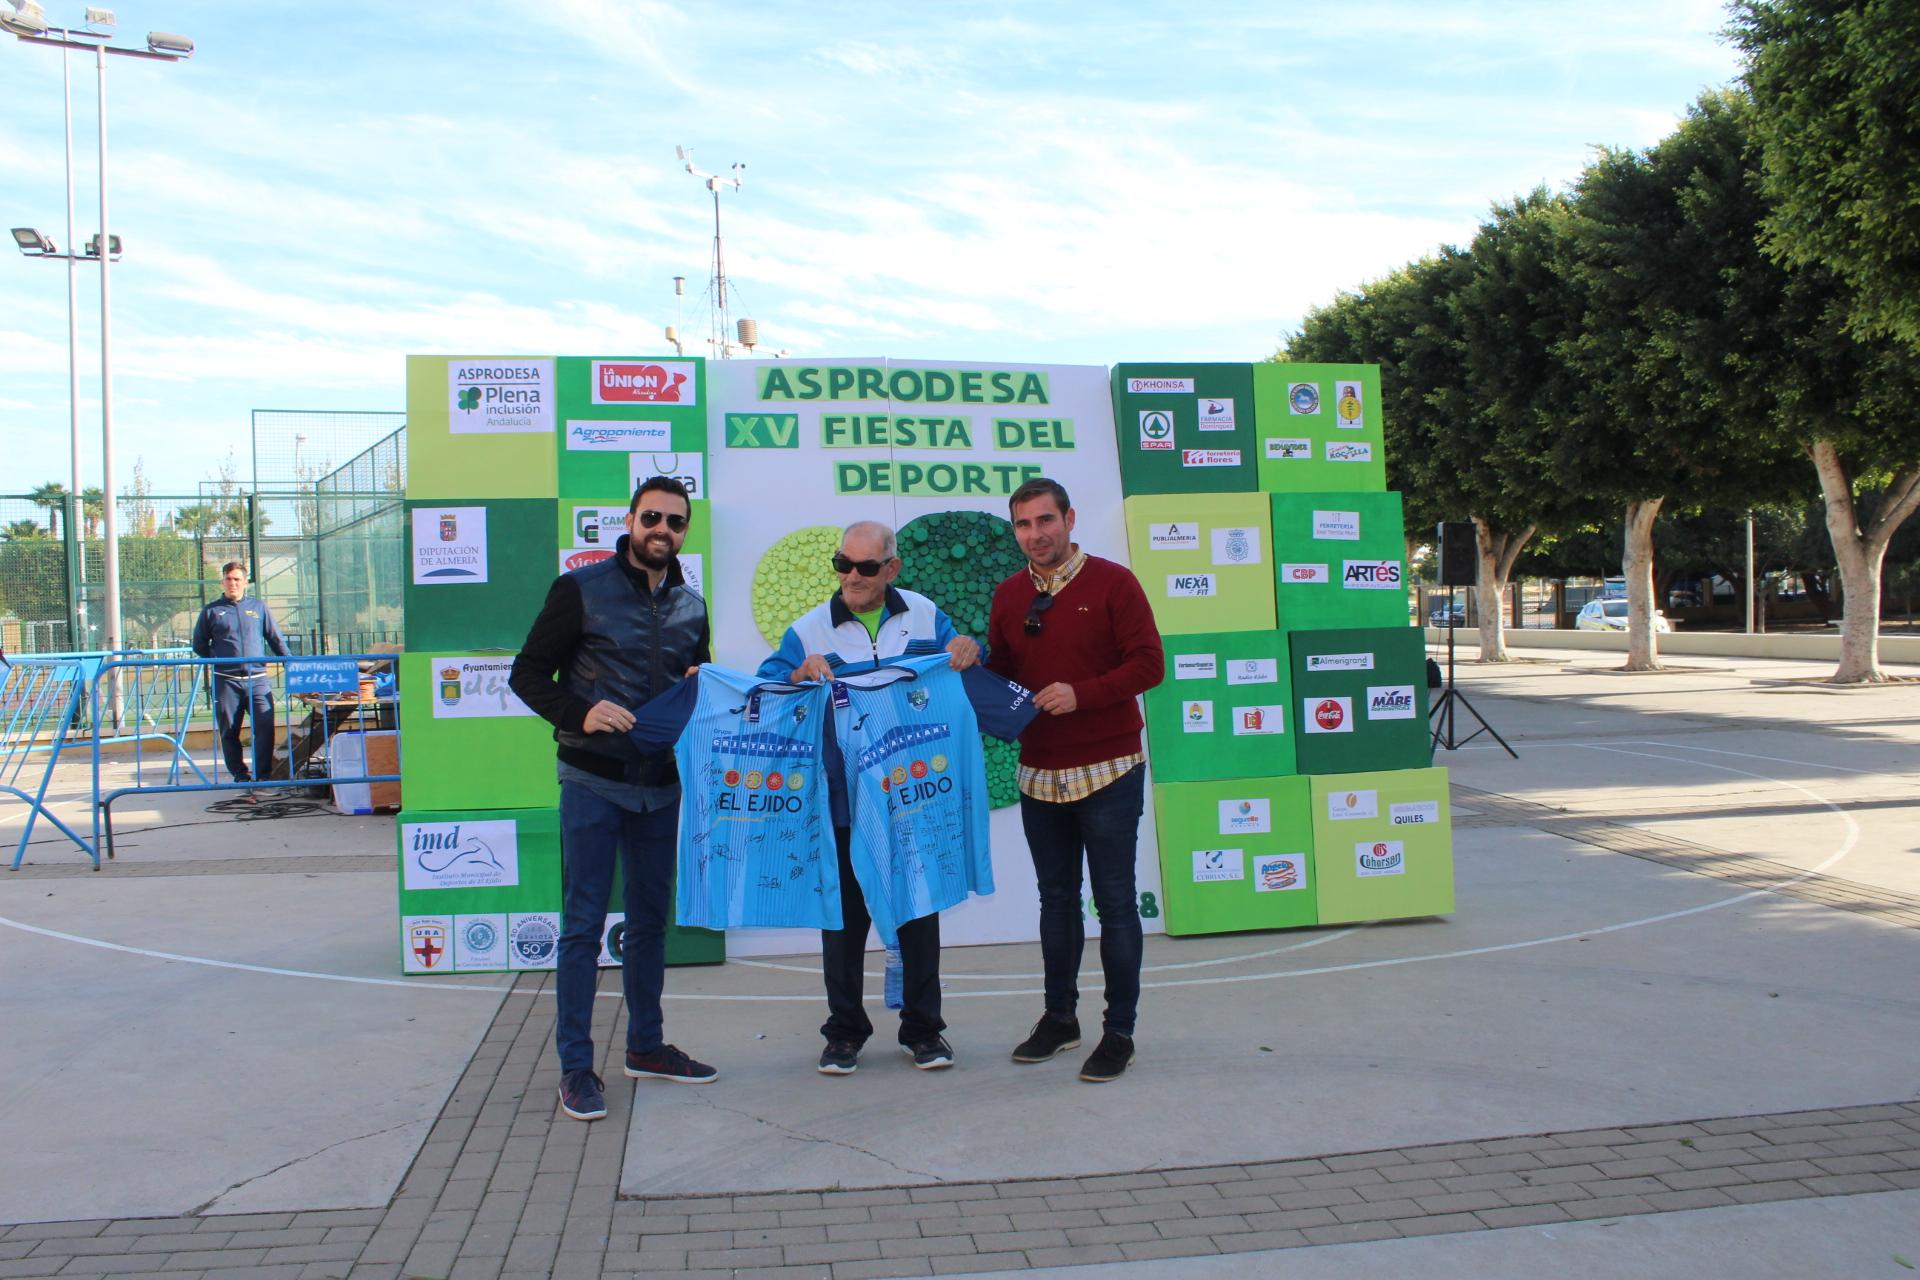 El CD El Ejido, con la Fiesta del Deporte de Asprodesa